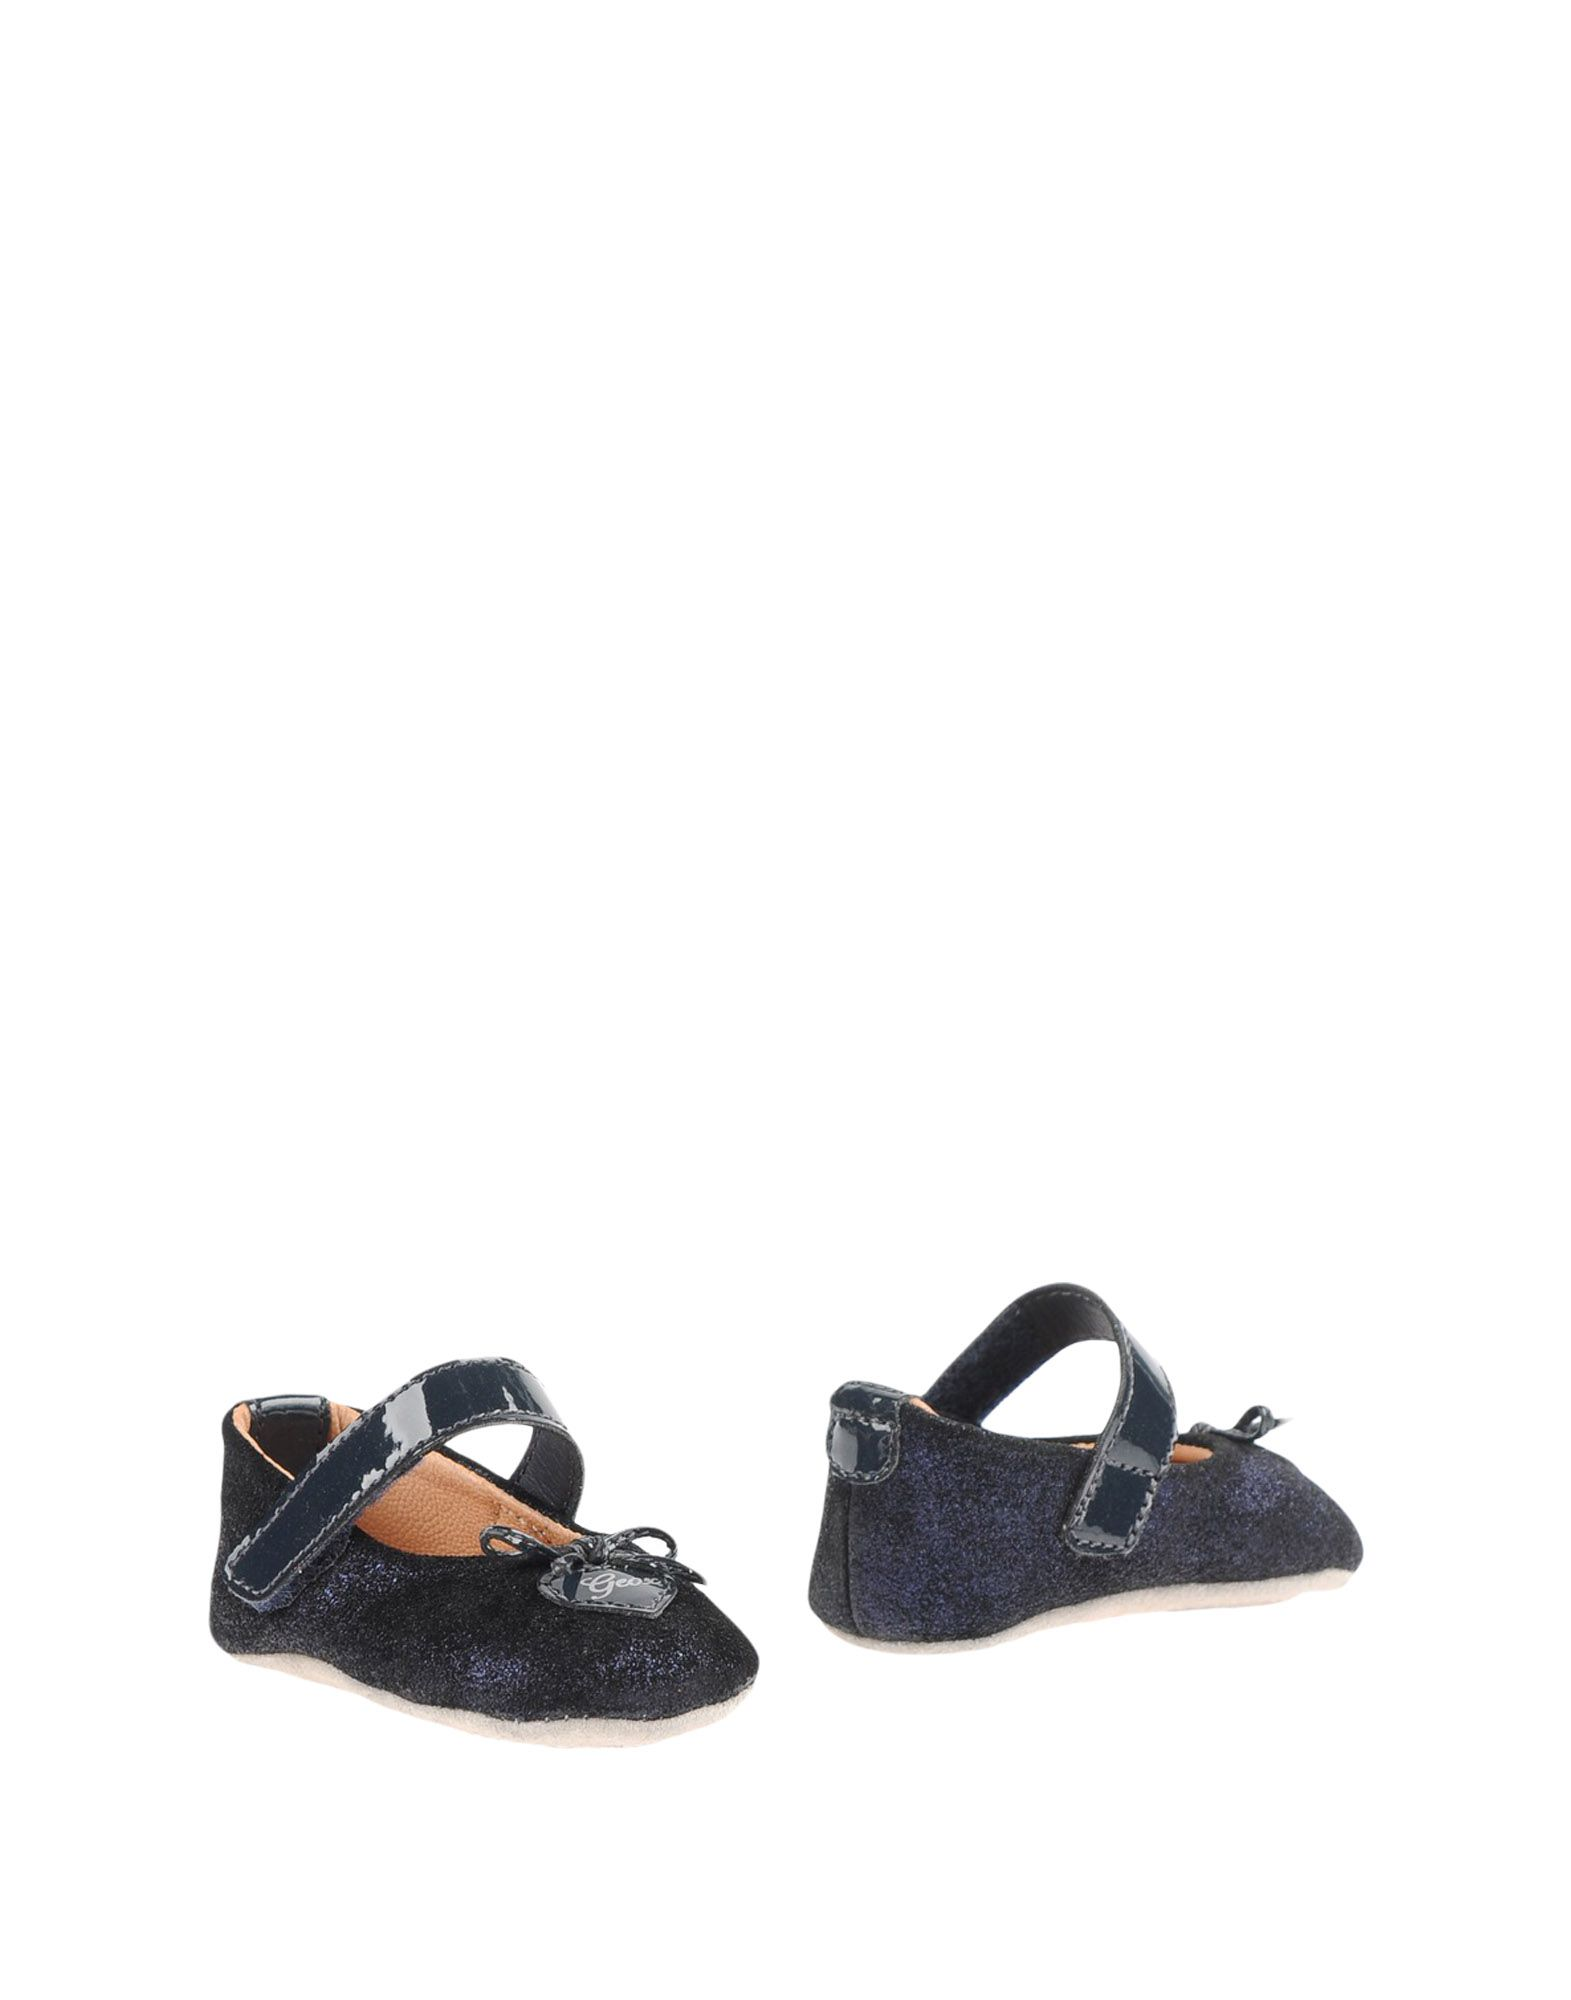 GEOX Обувь для новорожденных обувь для детей